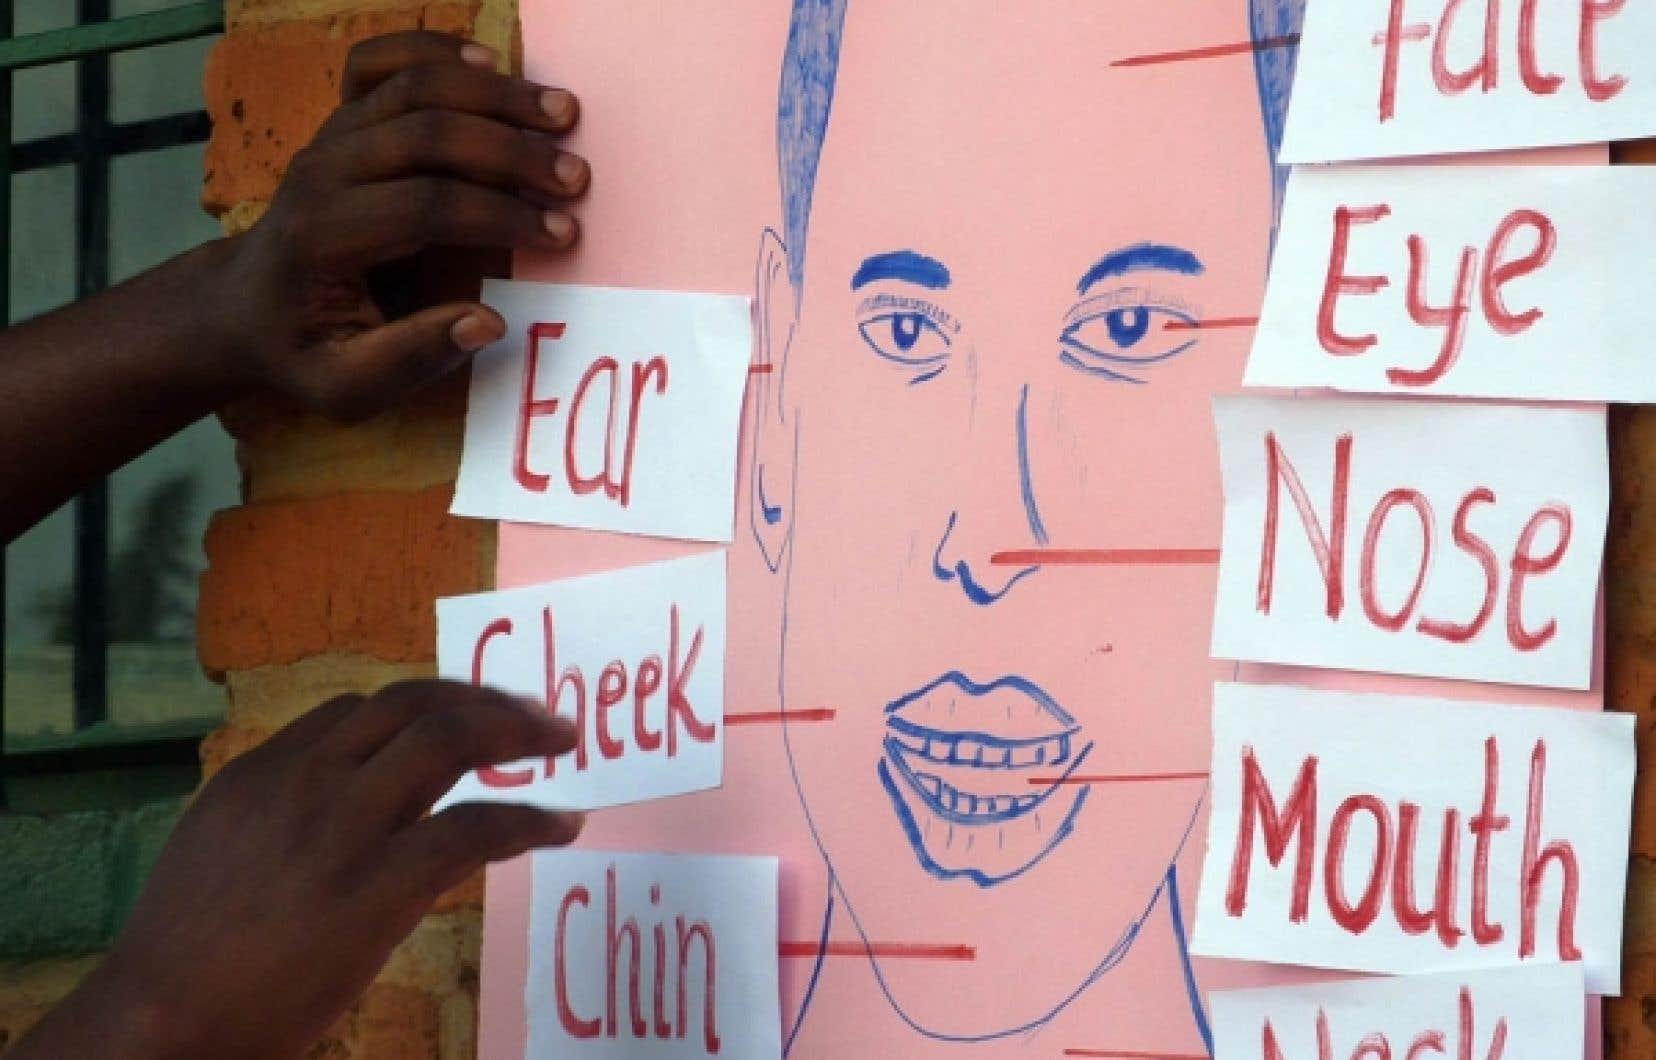 Cours d&rsquo;anglais dans une &eacute;cole rwandaise. Le remplacement du fran&ccedil;ais par l&rsquo;anglais avait &eacute;t&eacute; annonc&eacute; sans d&eacute;tour le 10 octobre 2008.<br />